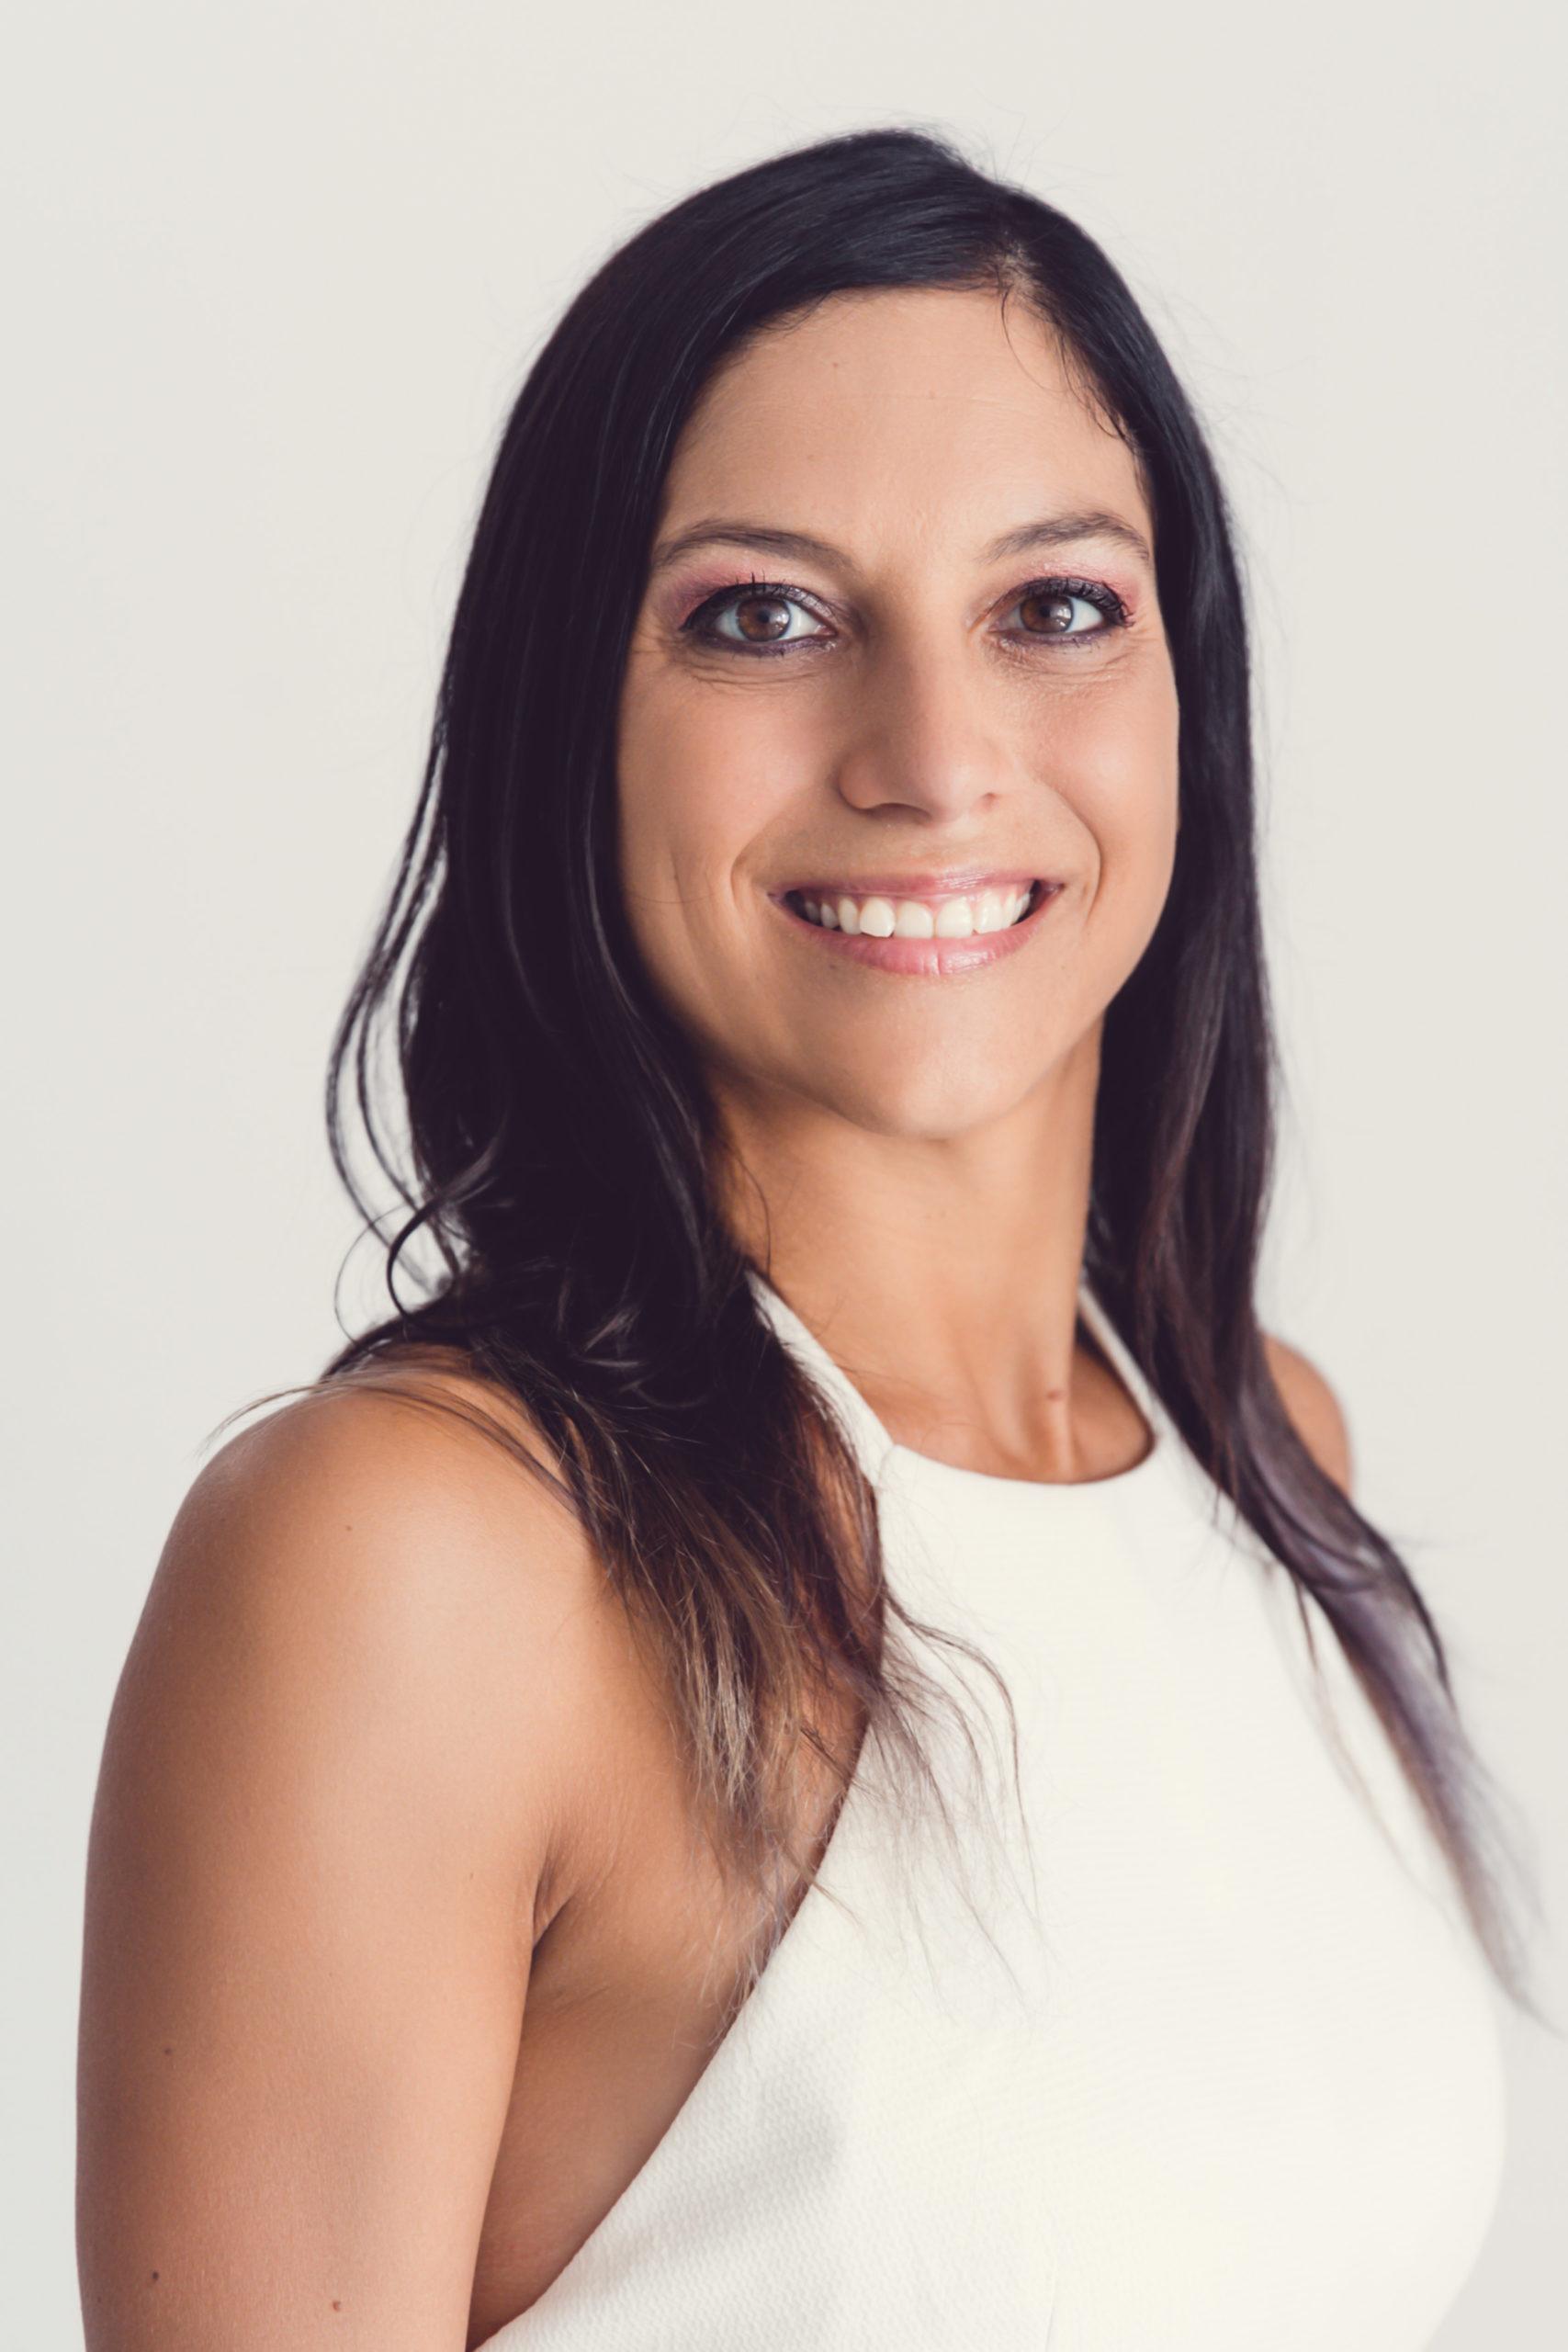 Christelle Folio-Martucci